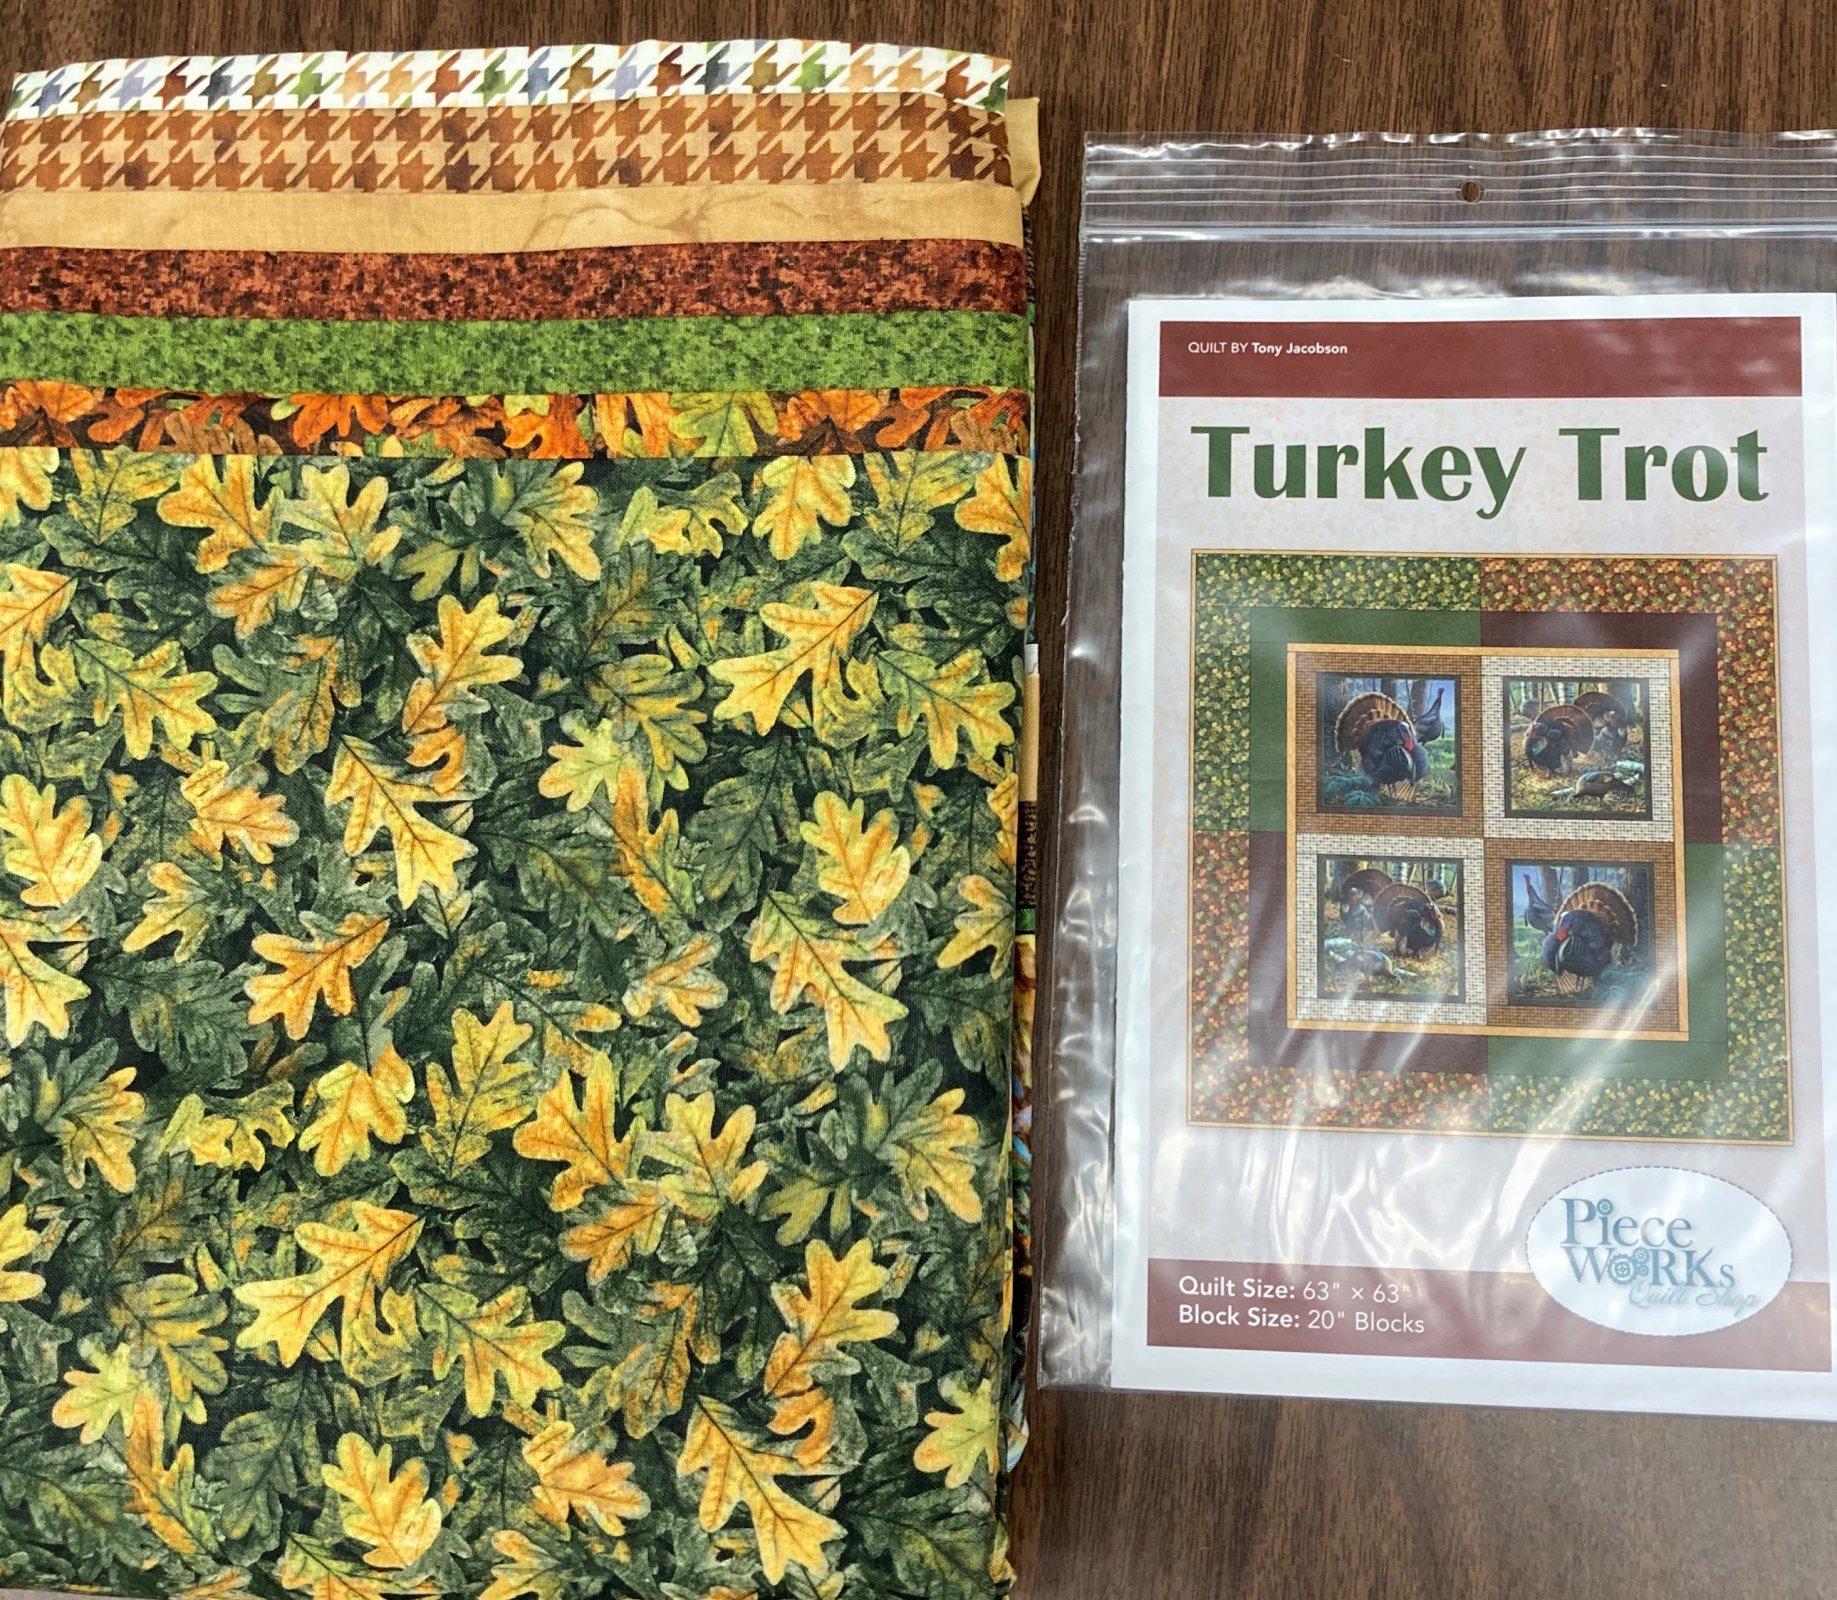 Turkey Trot Quilt Kit 63 x 63